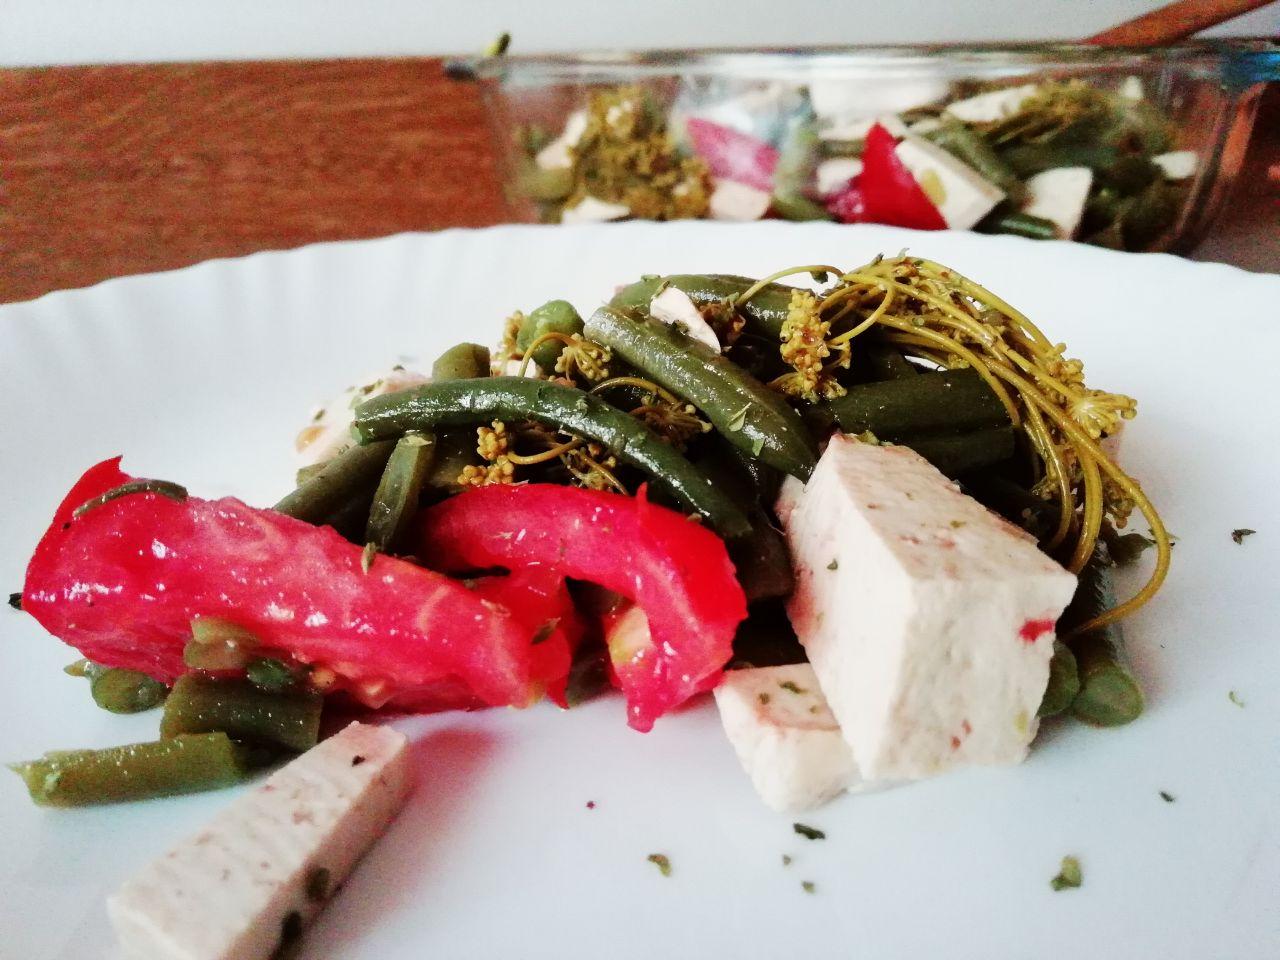 Ricette estive: insalata di fagiolini e tofu con erbe aromatiche estive!